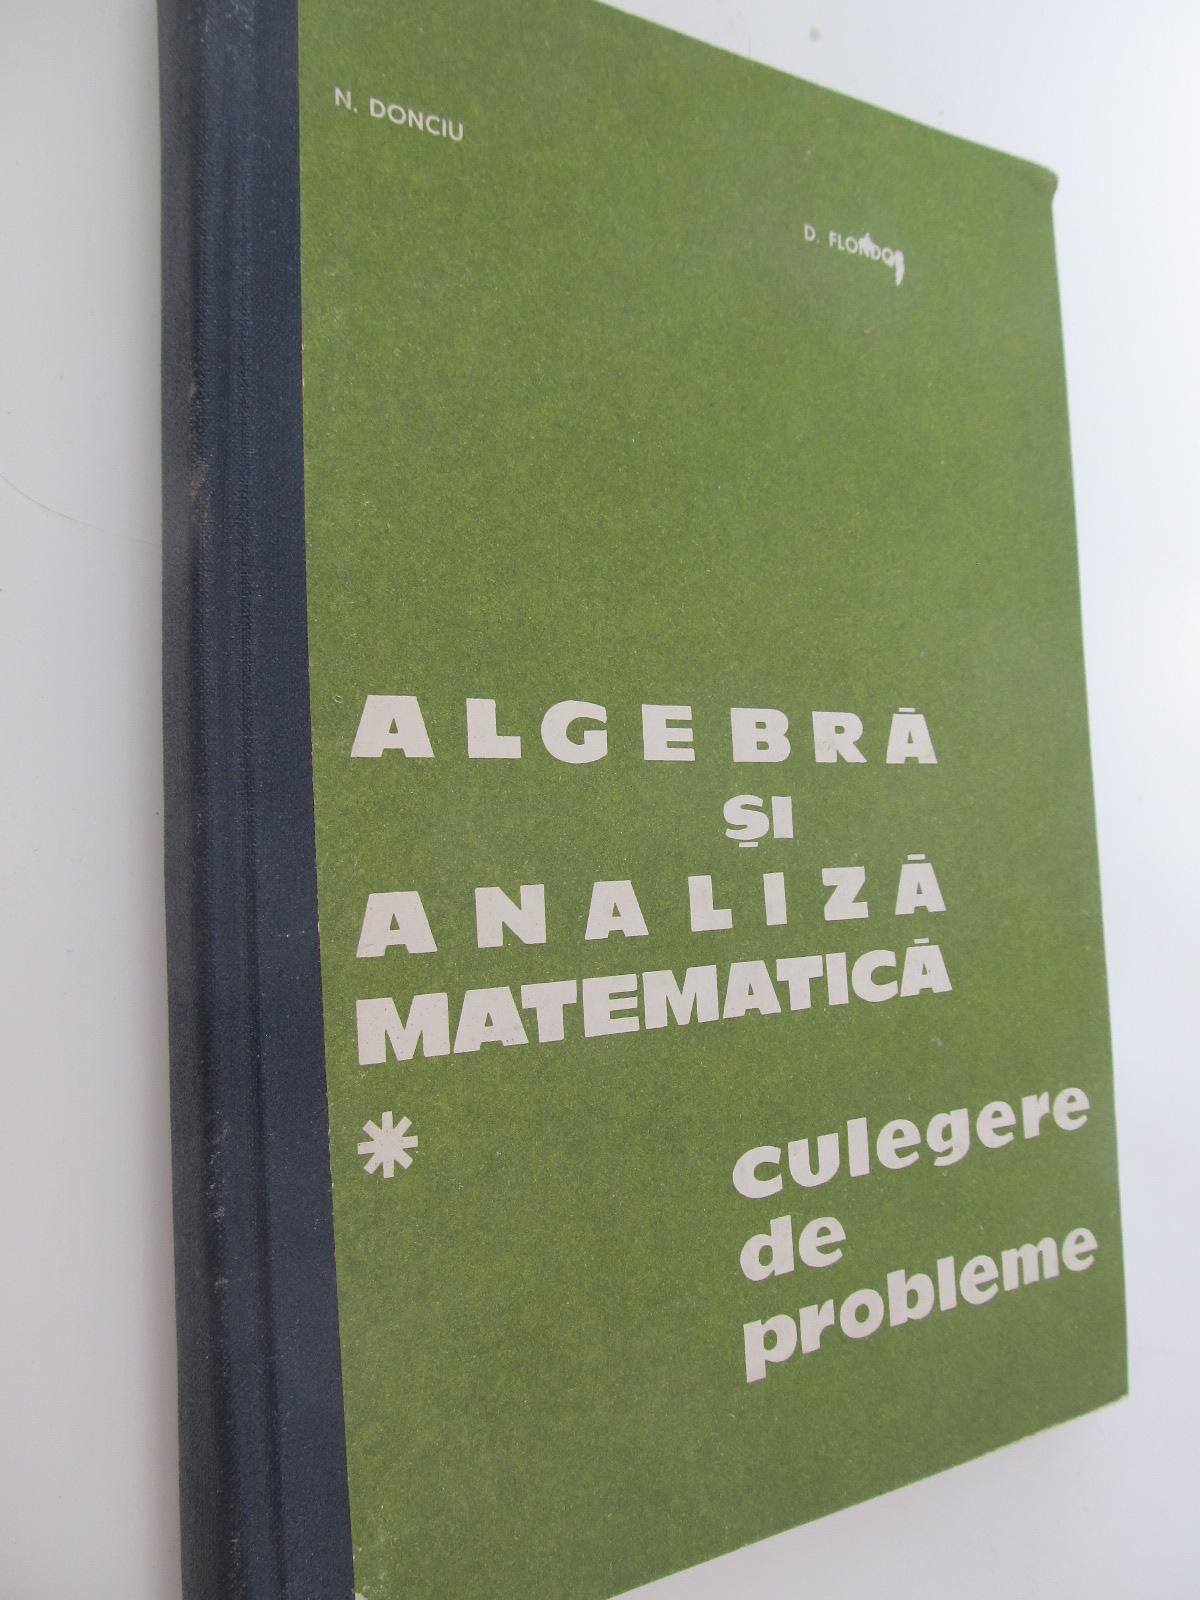 Carte Algebra si analiza matematica - Culegere de probleme (vol. 1) - N. Donciu , D. Flondor